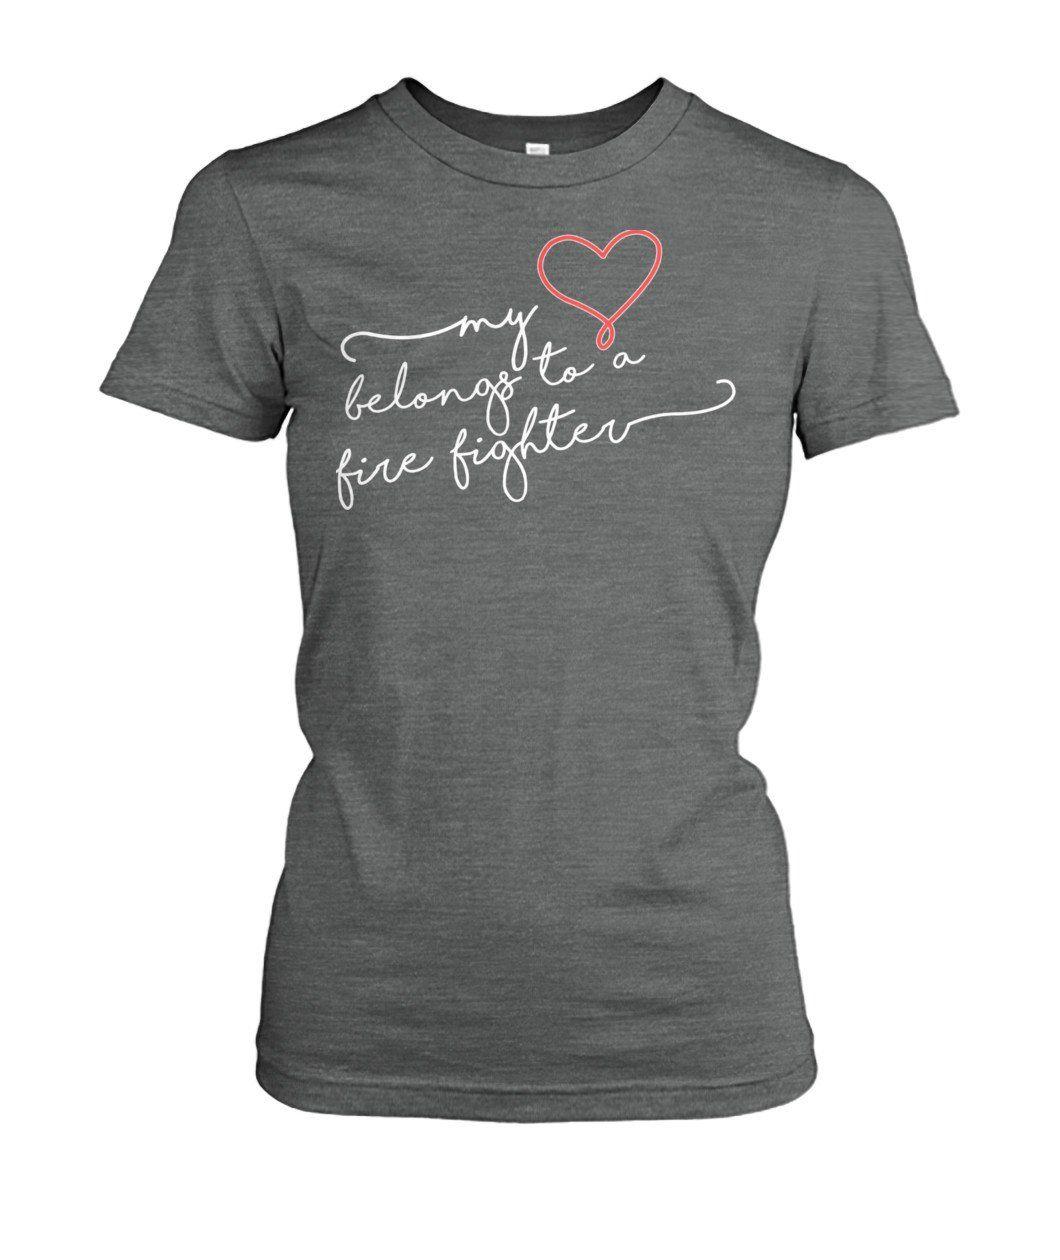 bd96a7df4 My Heart Belongs To A Firefighter Graphic Shirt Women, Inspirational Gifts  For Women, Women's Tops